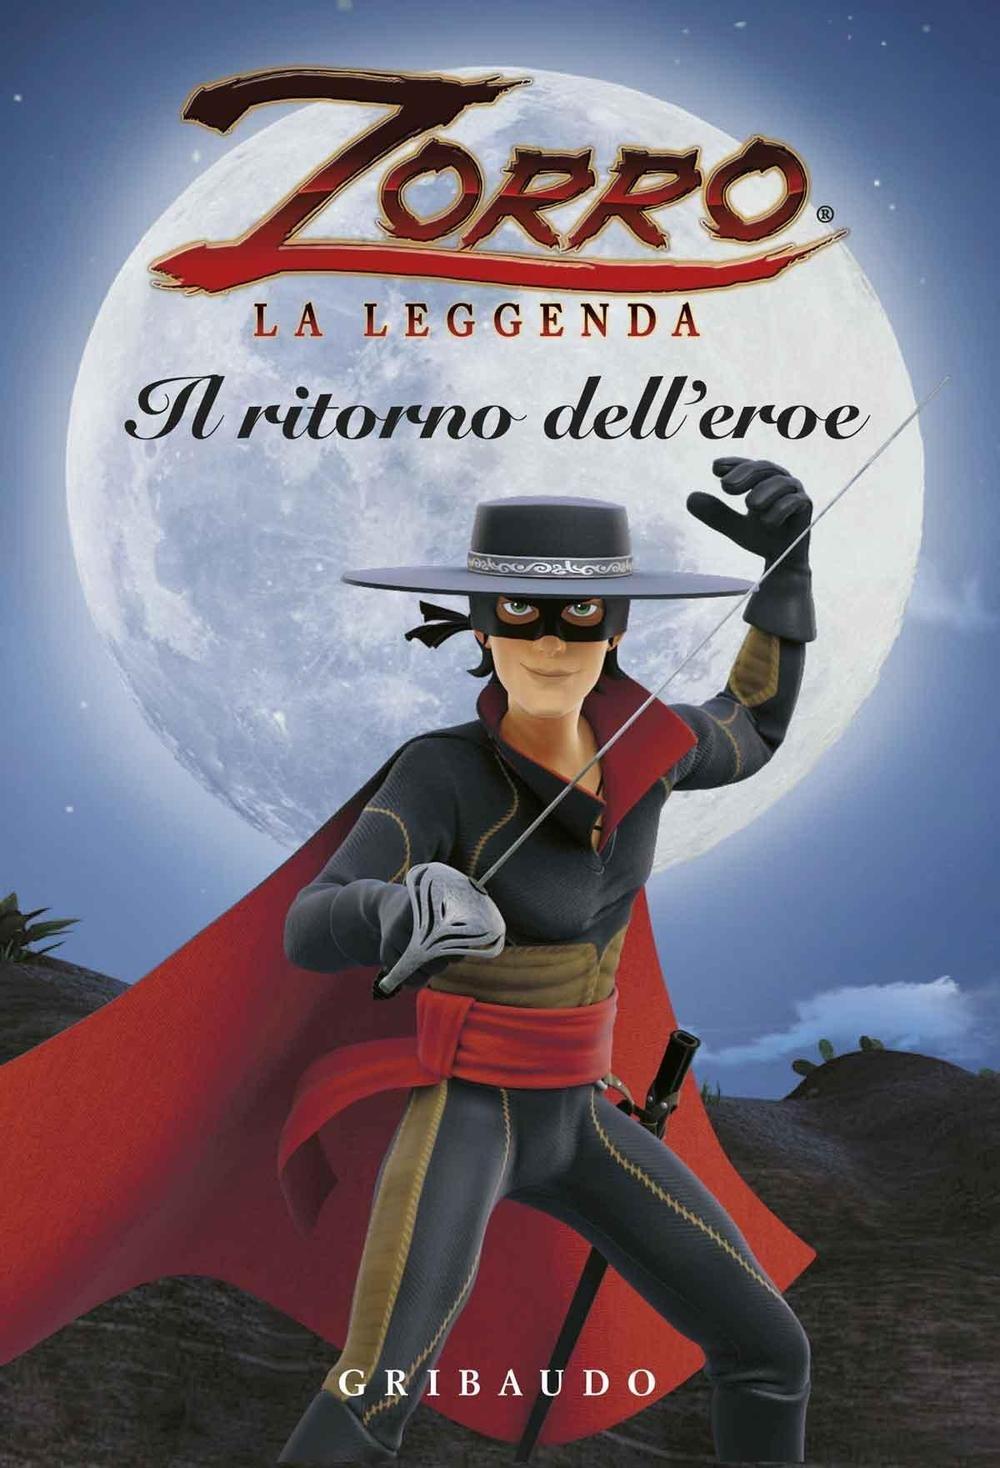 Amazon.it: il ritorno delleroe. zorro la leggenda aa.vv. libri